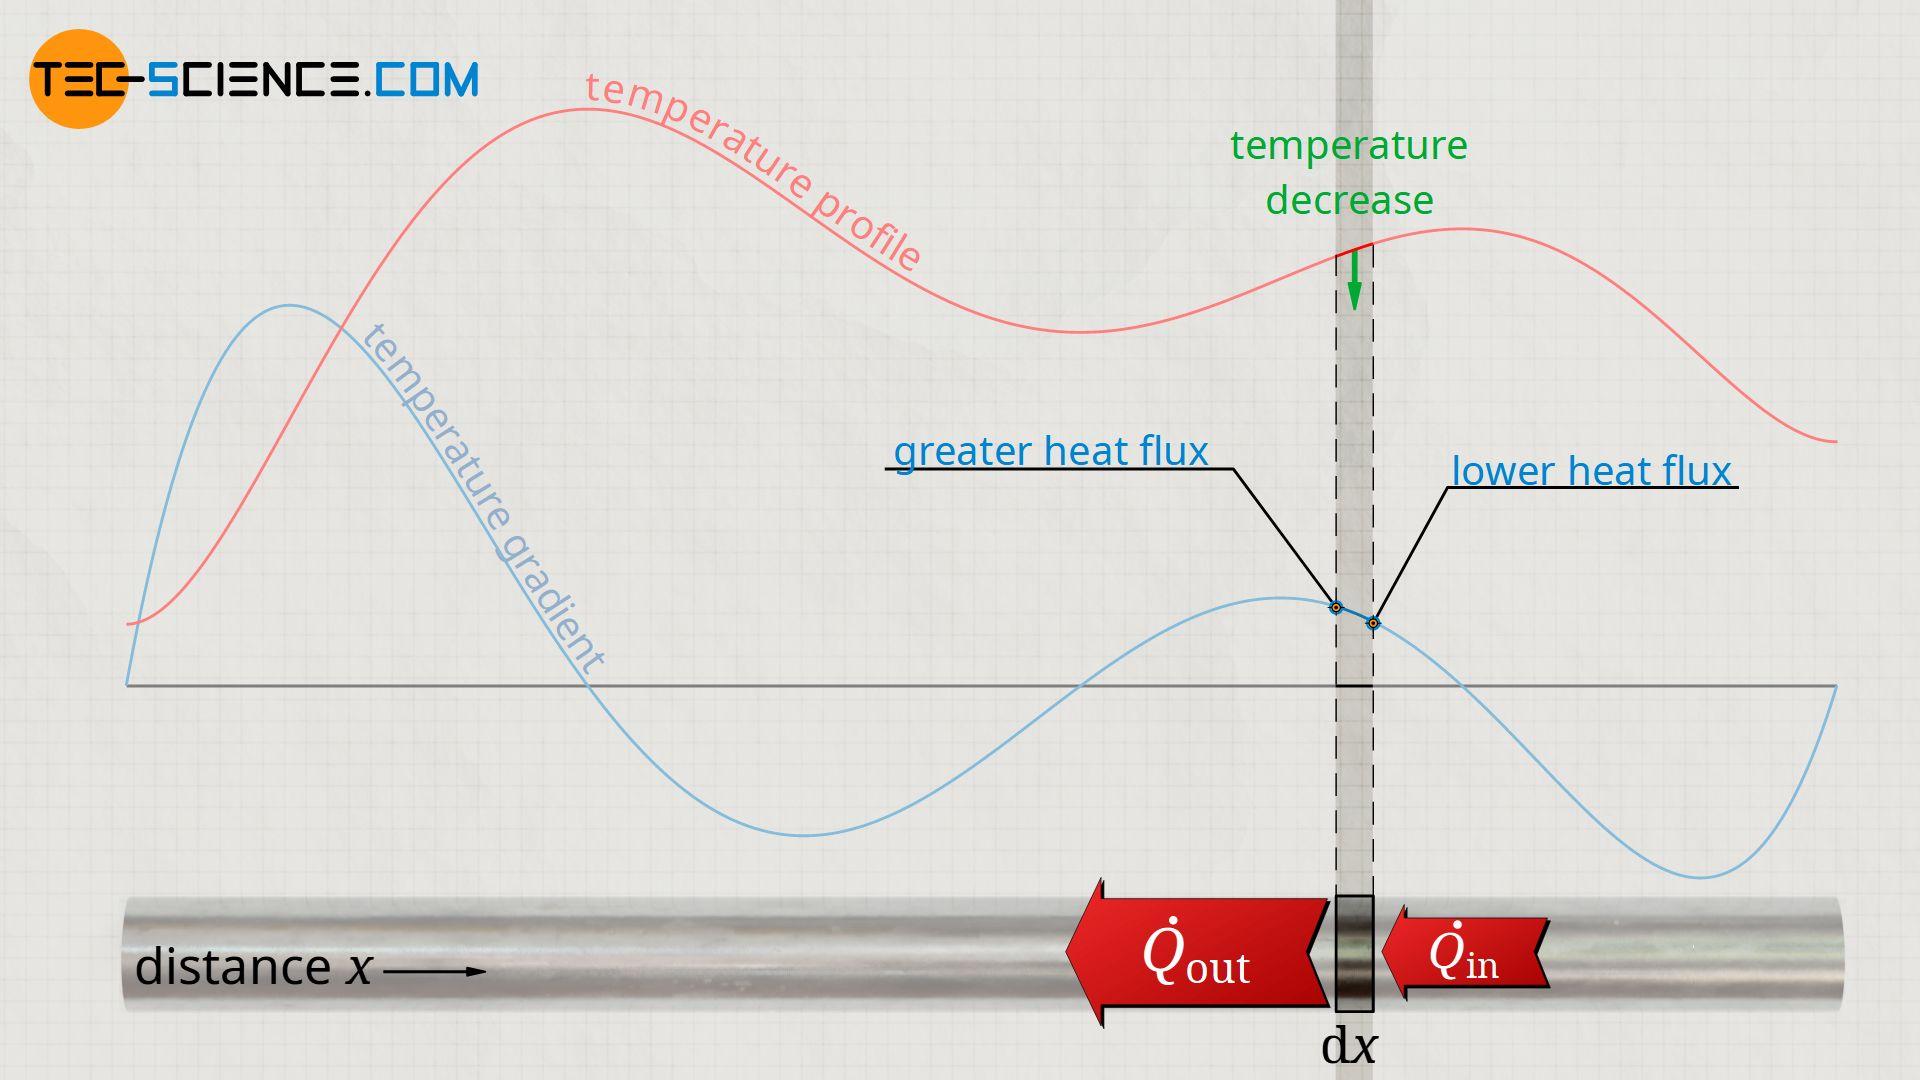 Decrease of temperature due to decrease of the temperature gradient